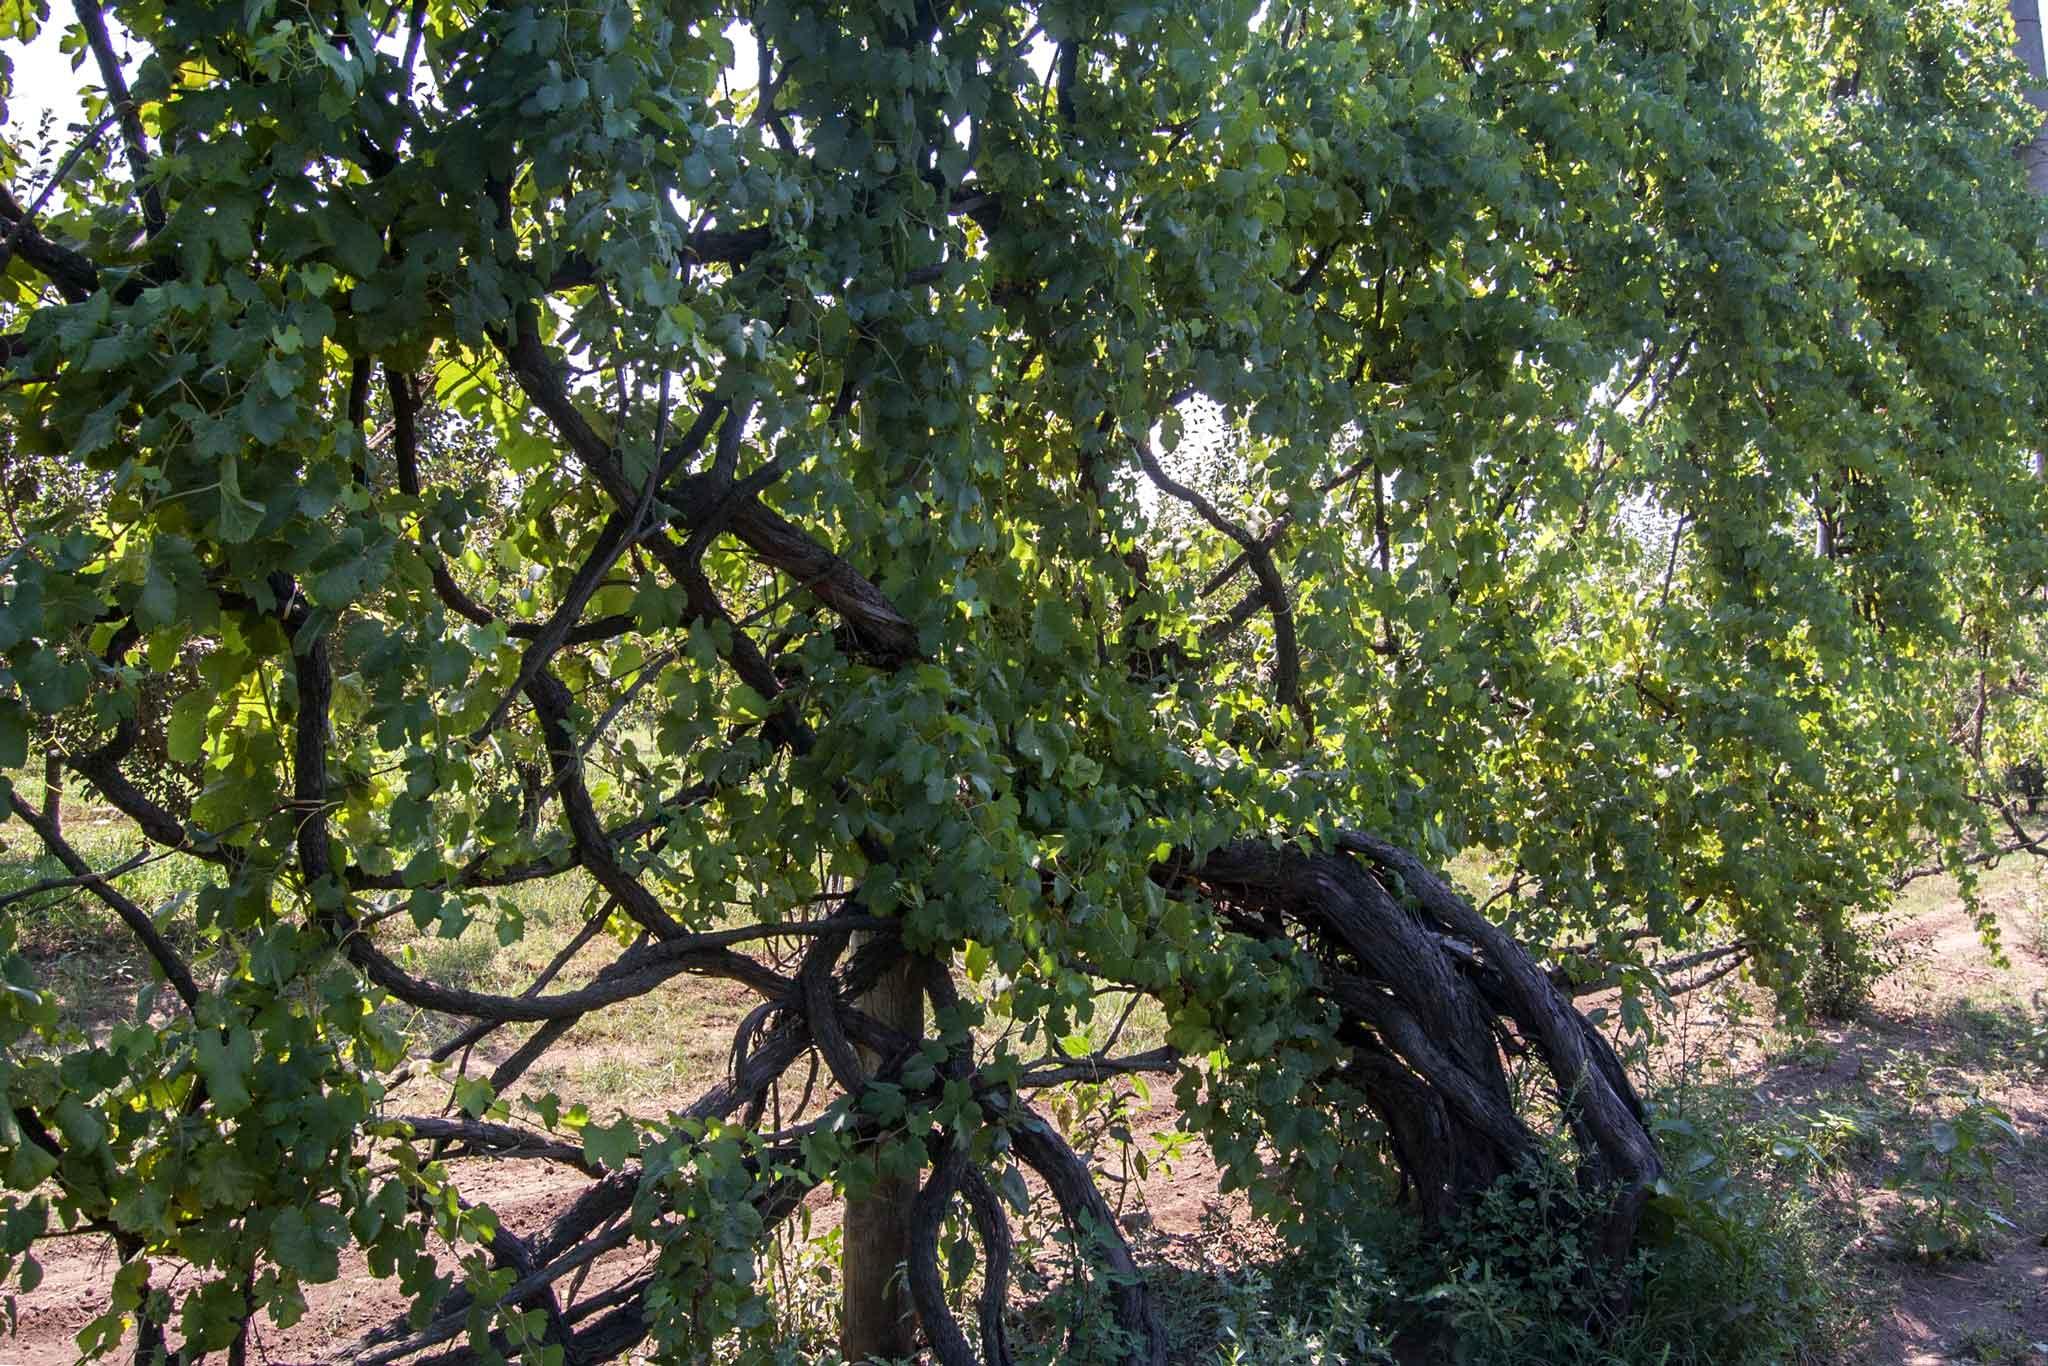 il tronco di una vite madre di asprinio, di circa 200 anni